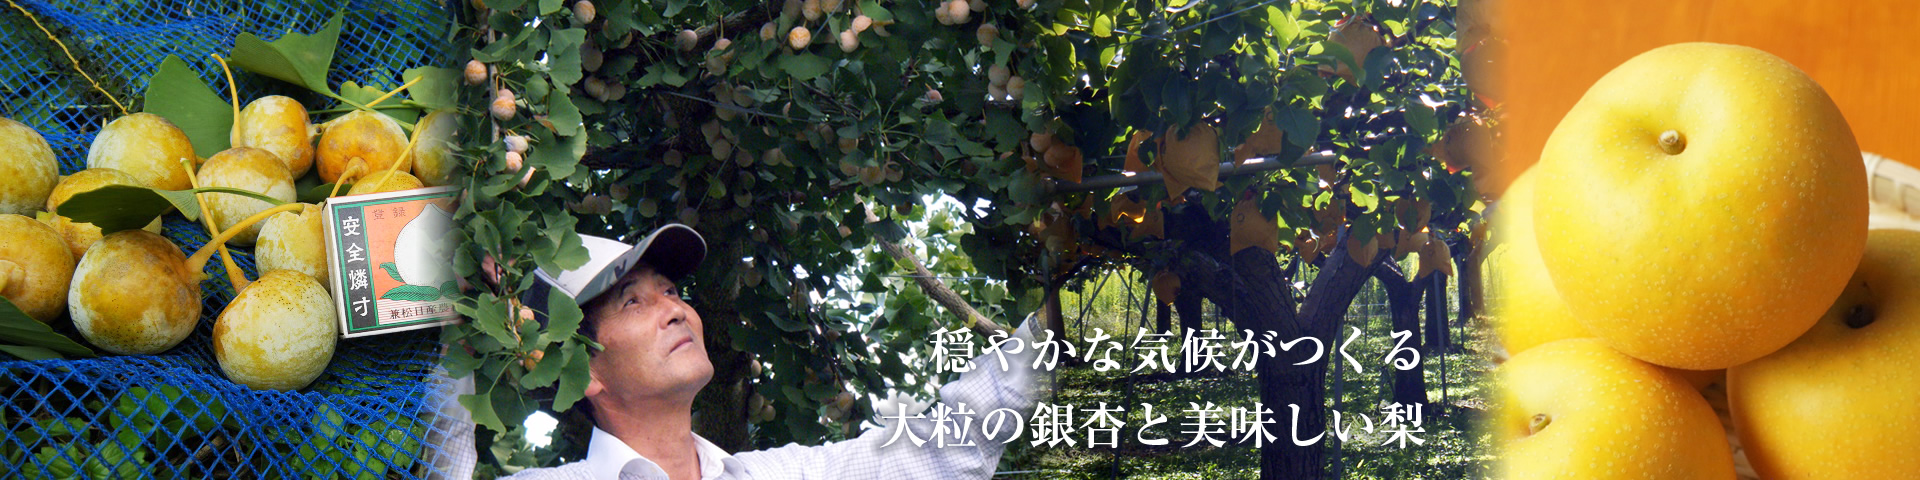 鳥取廣信青果有限会社